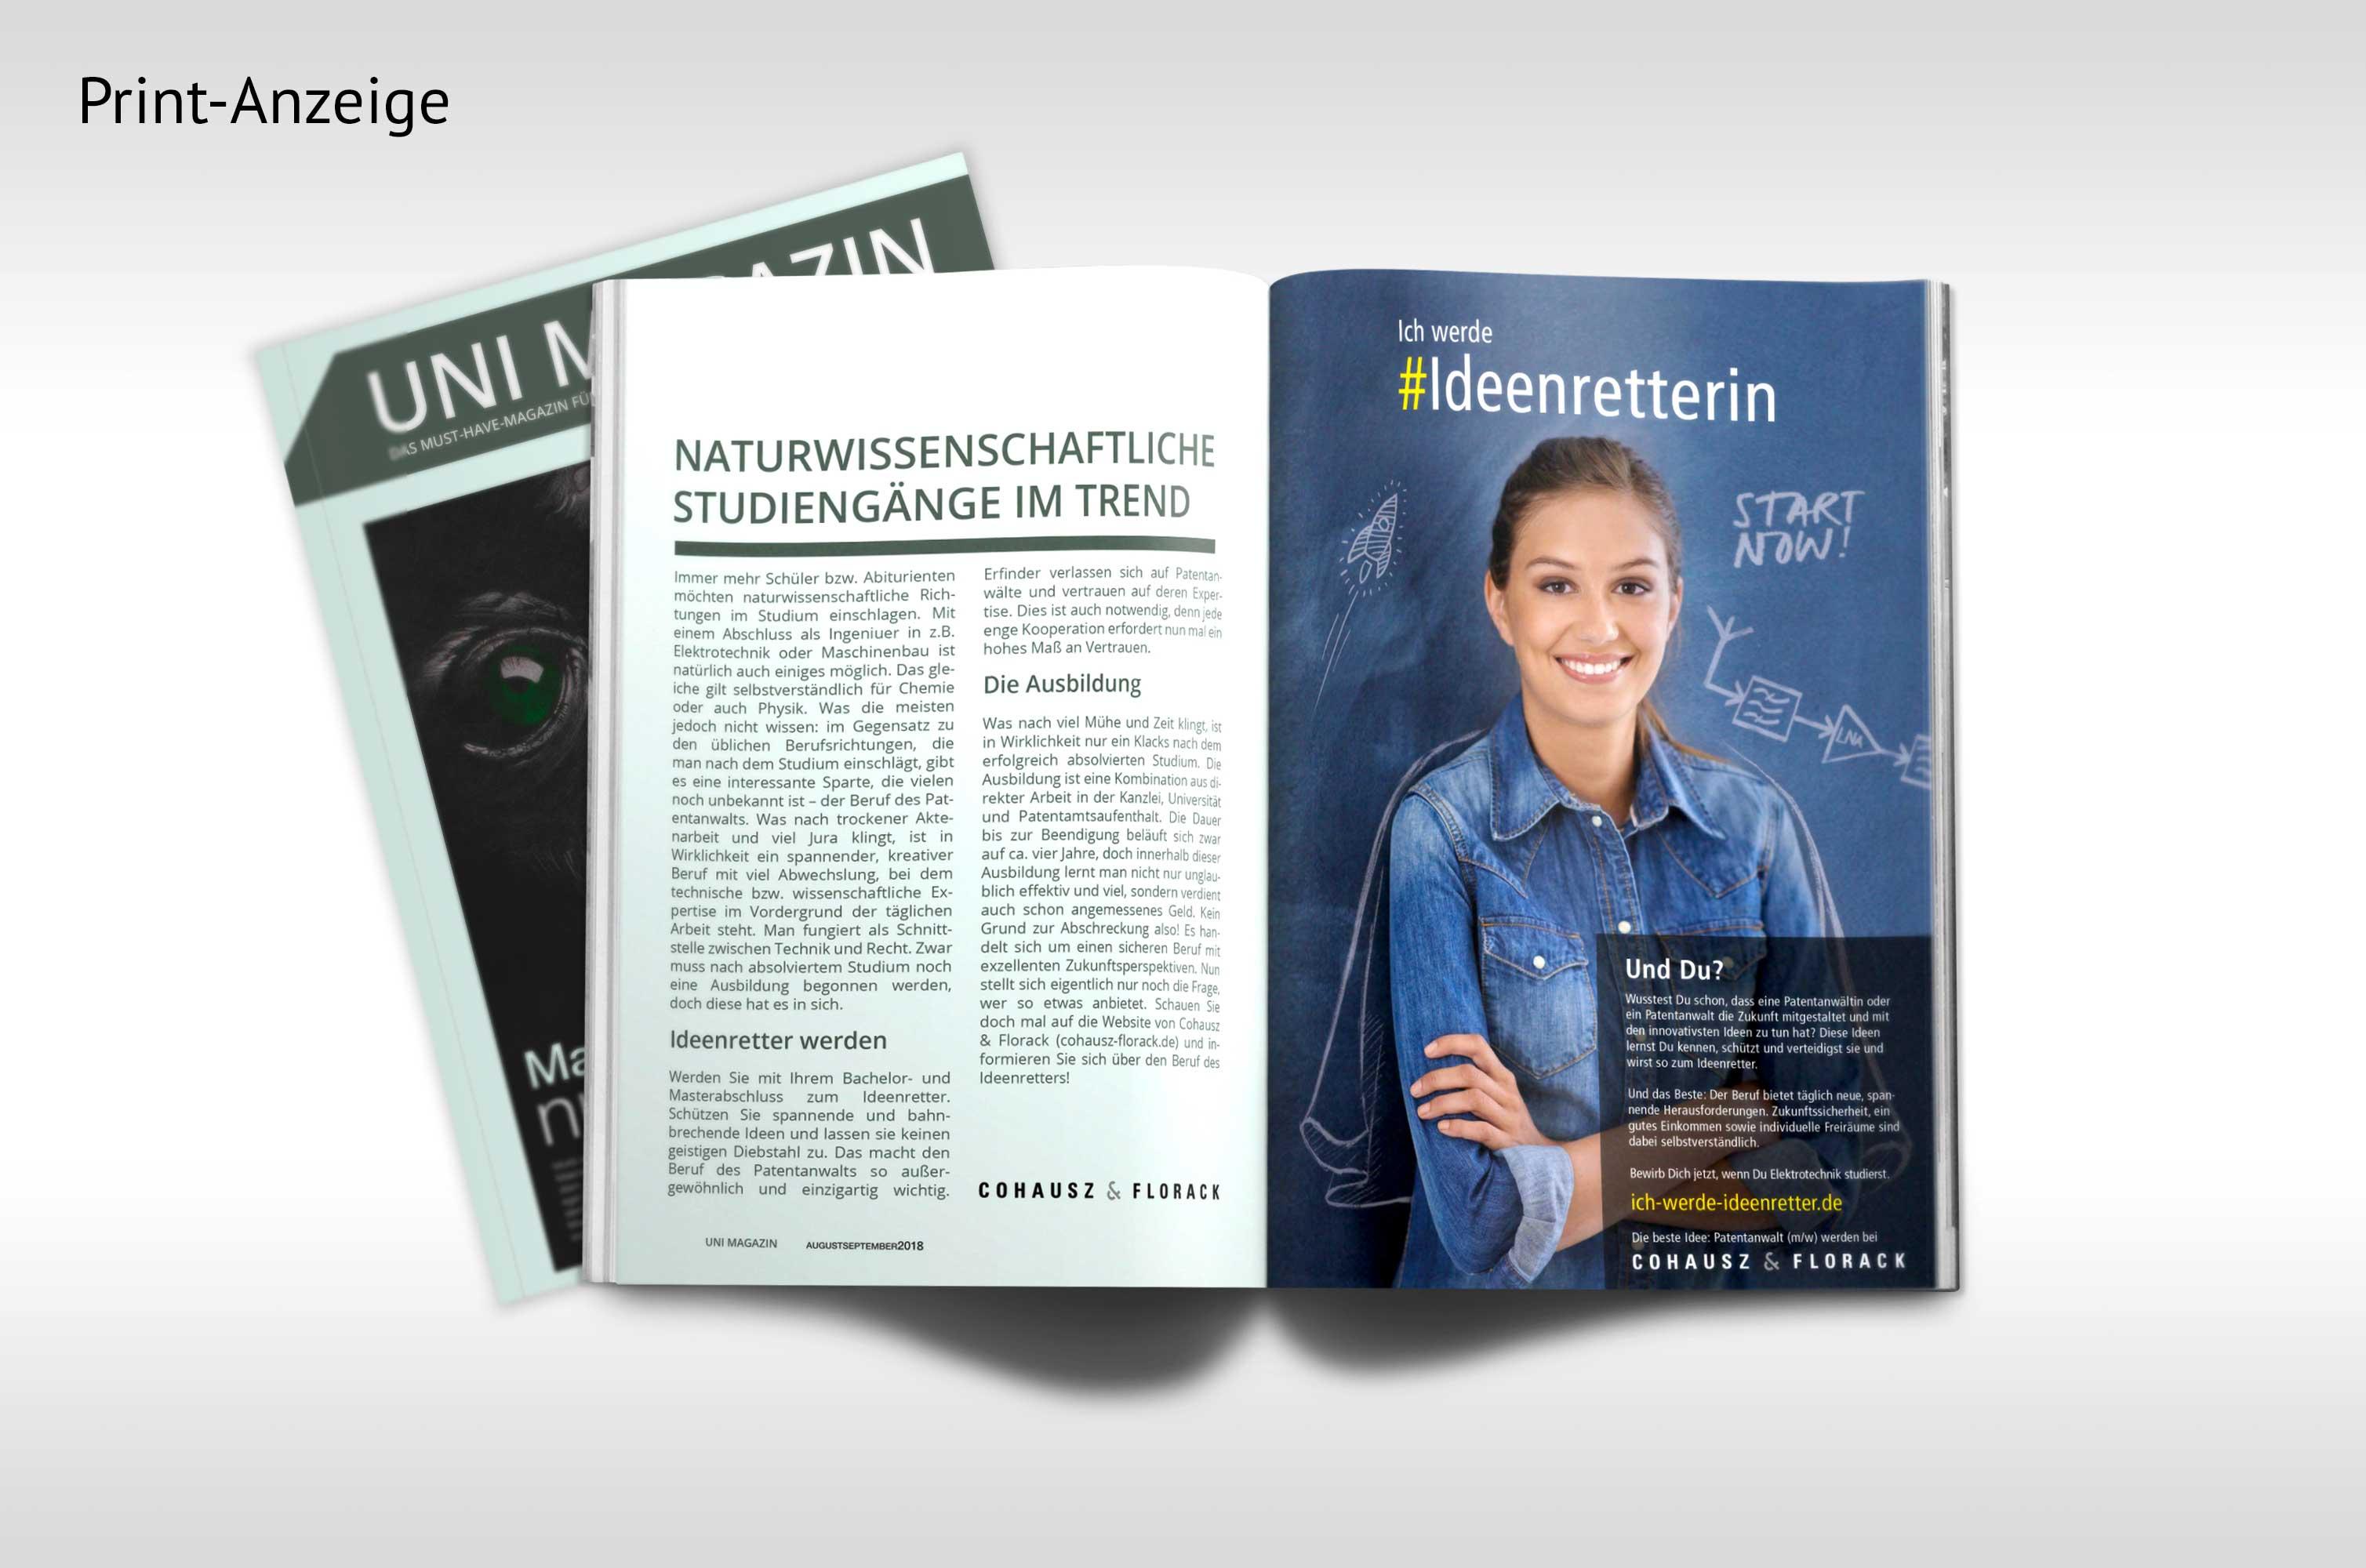 Ansicht einer Print-Anzeige innerhalb eines Uni-Magazins